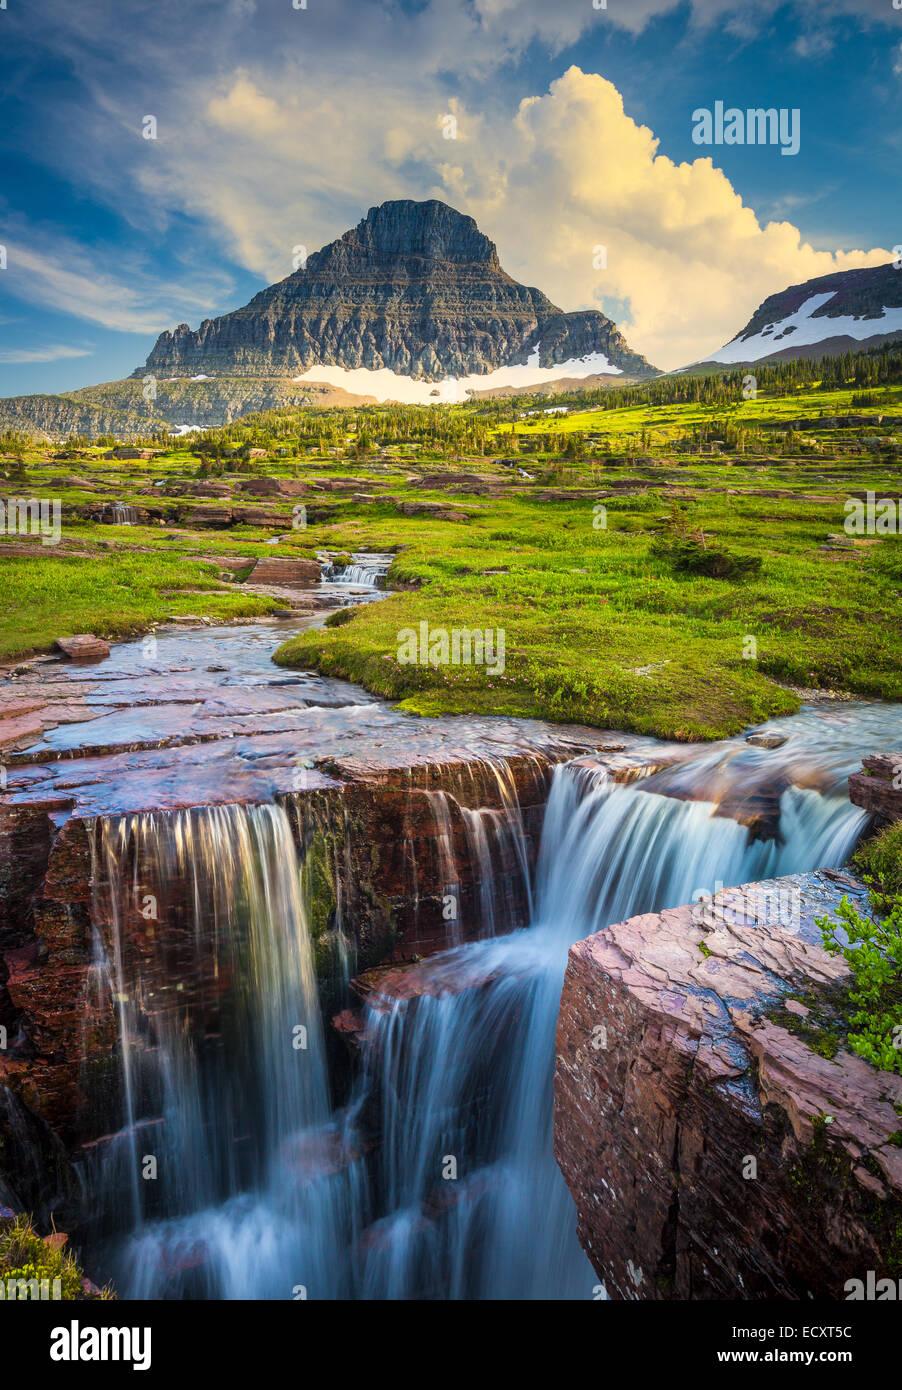 Logan Pass en el Parque Nacional de Los Glaciares, situado en el estado de Montana en EE.UU. Imagen De Stock